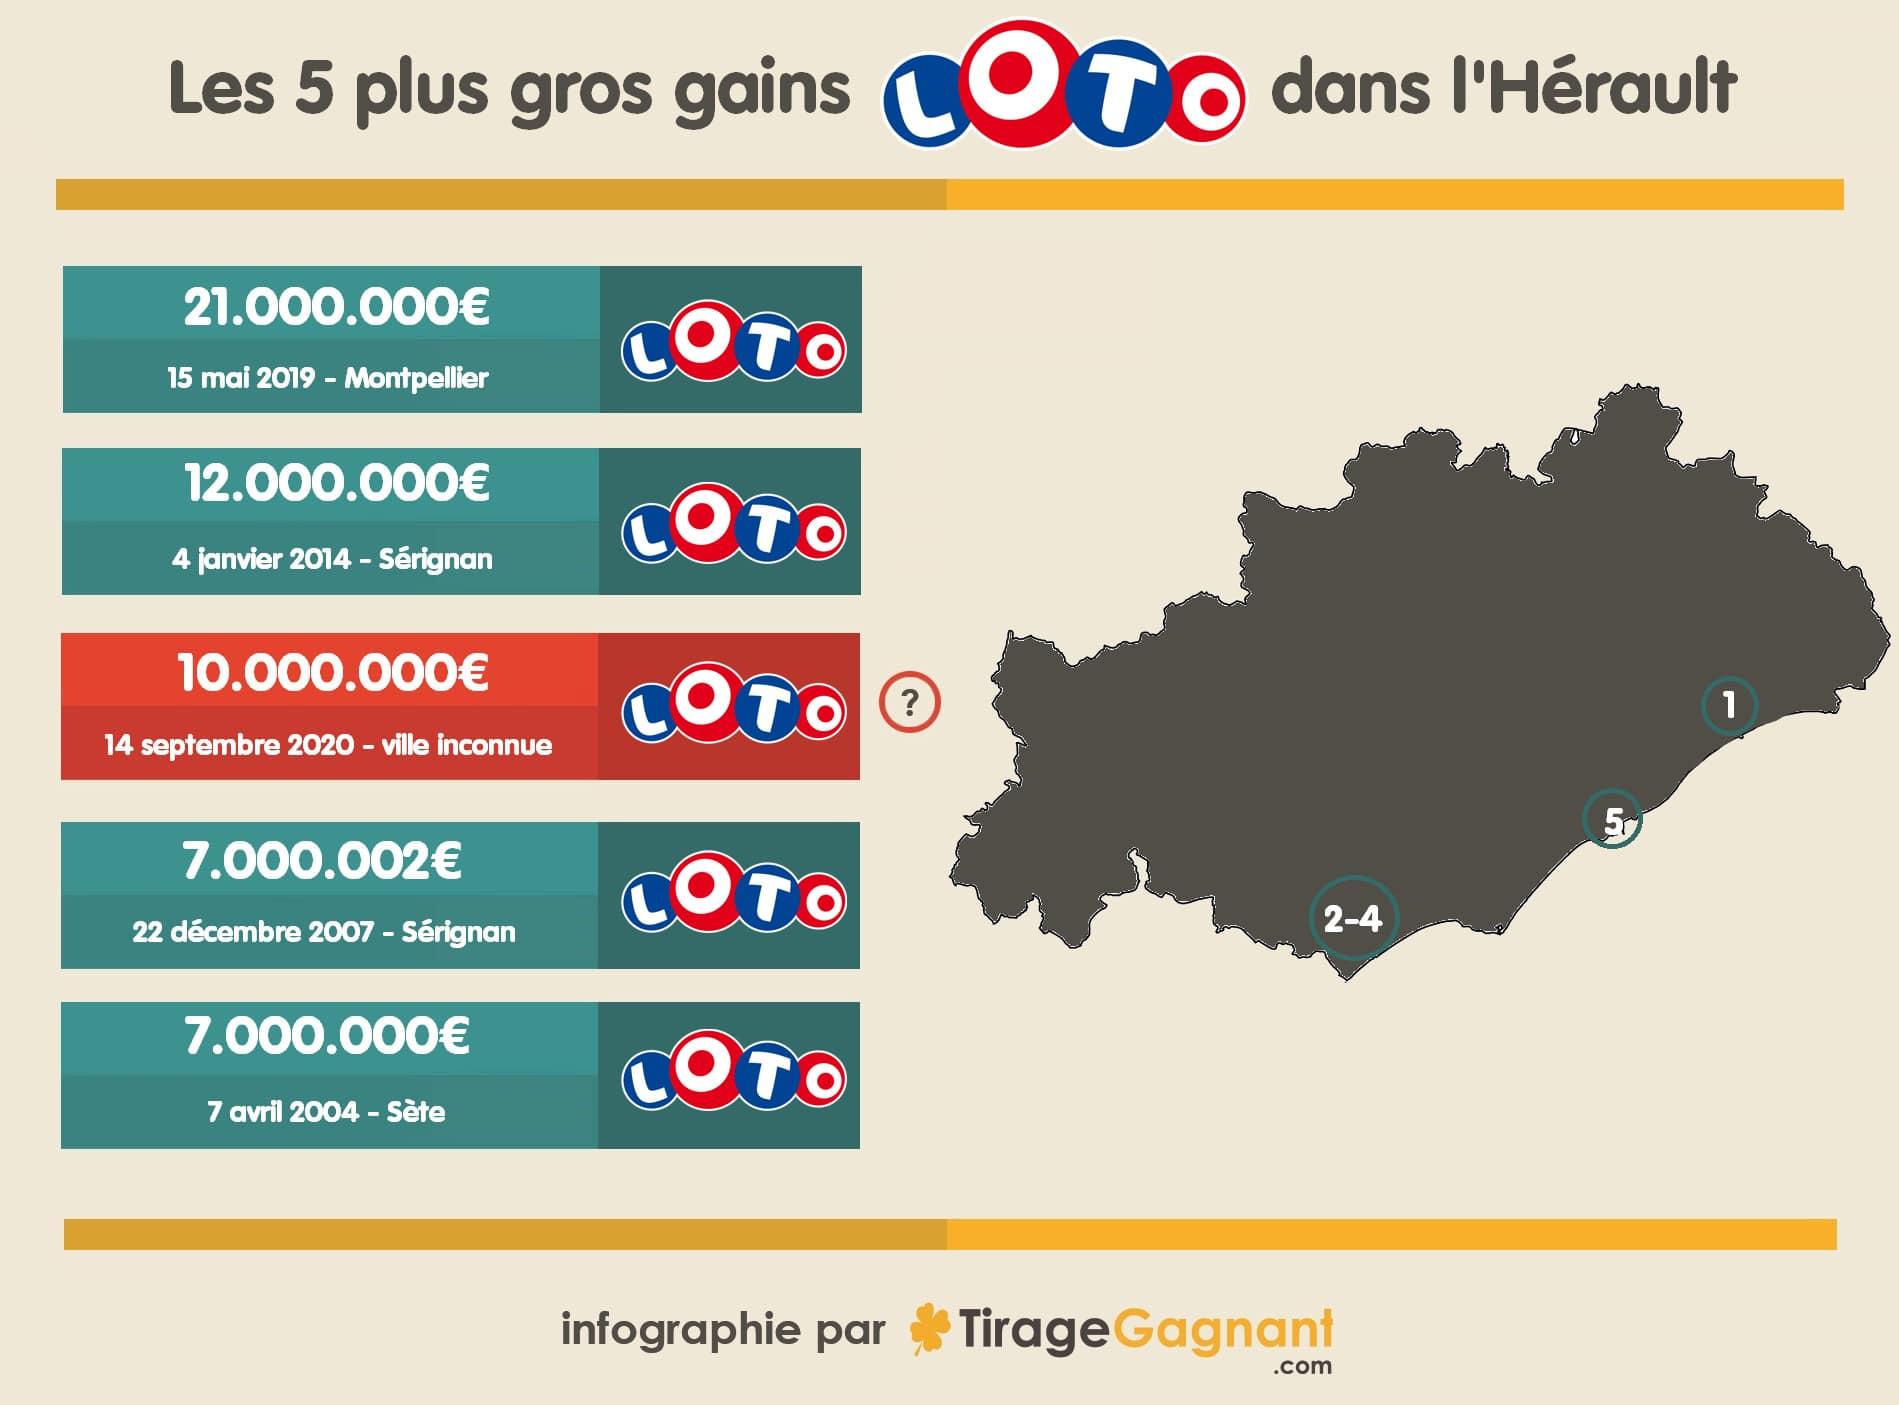 Infographie : top 5 des plus gros gains dans l'Hérault